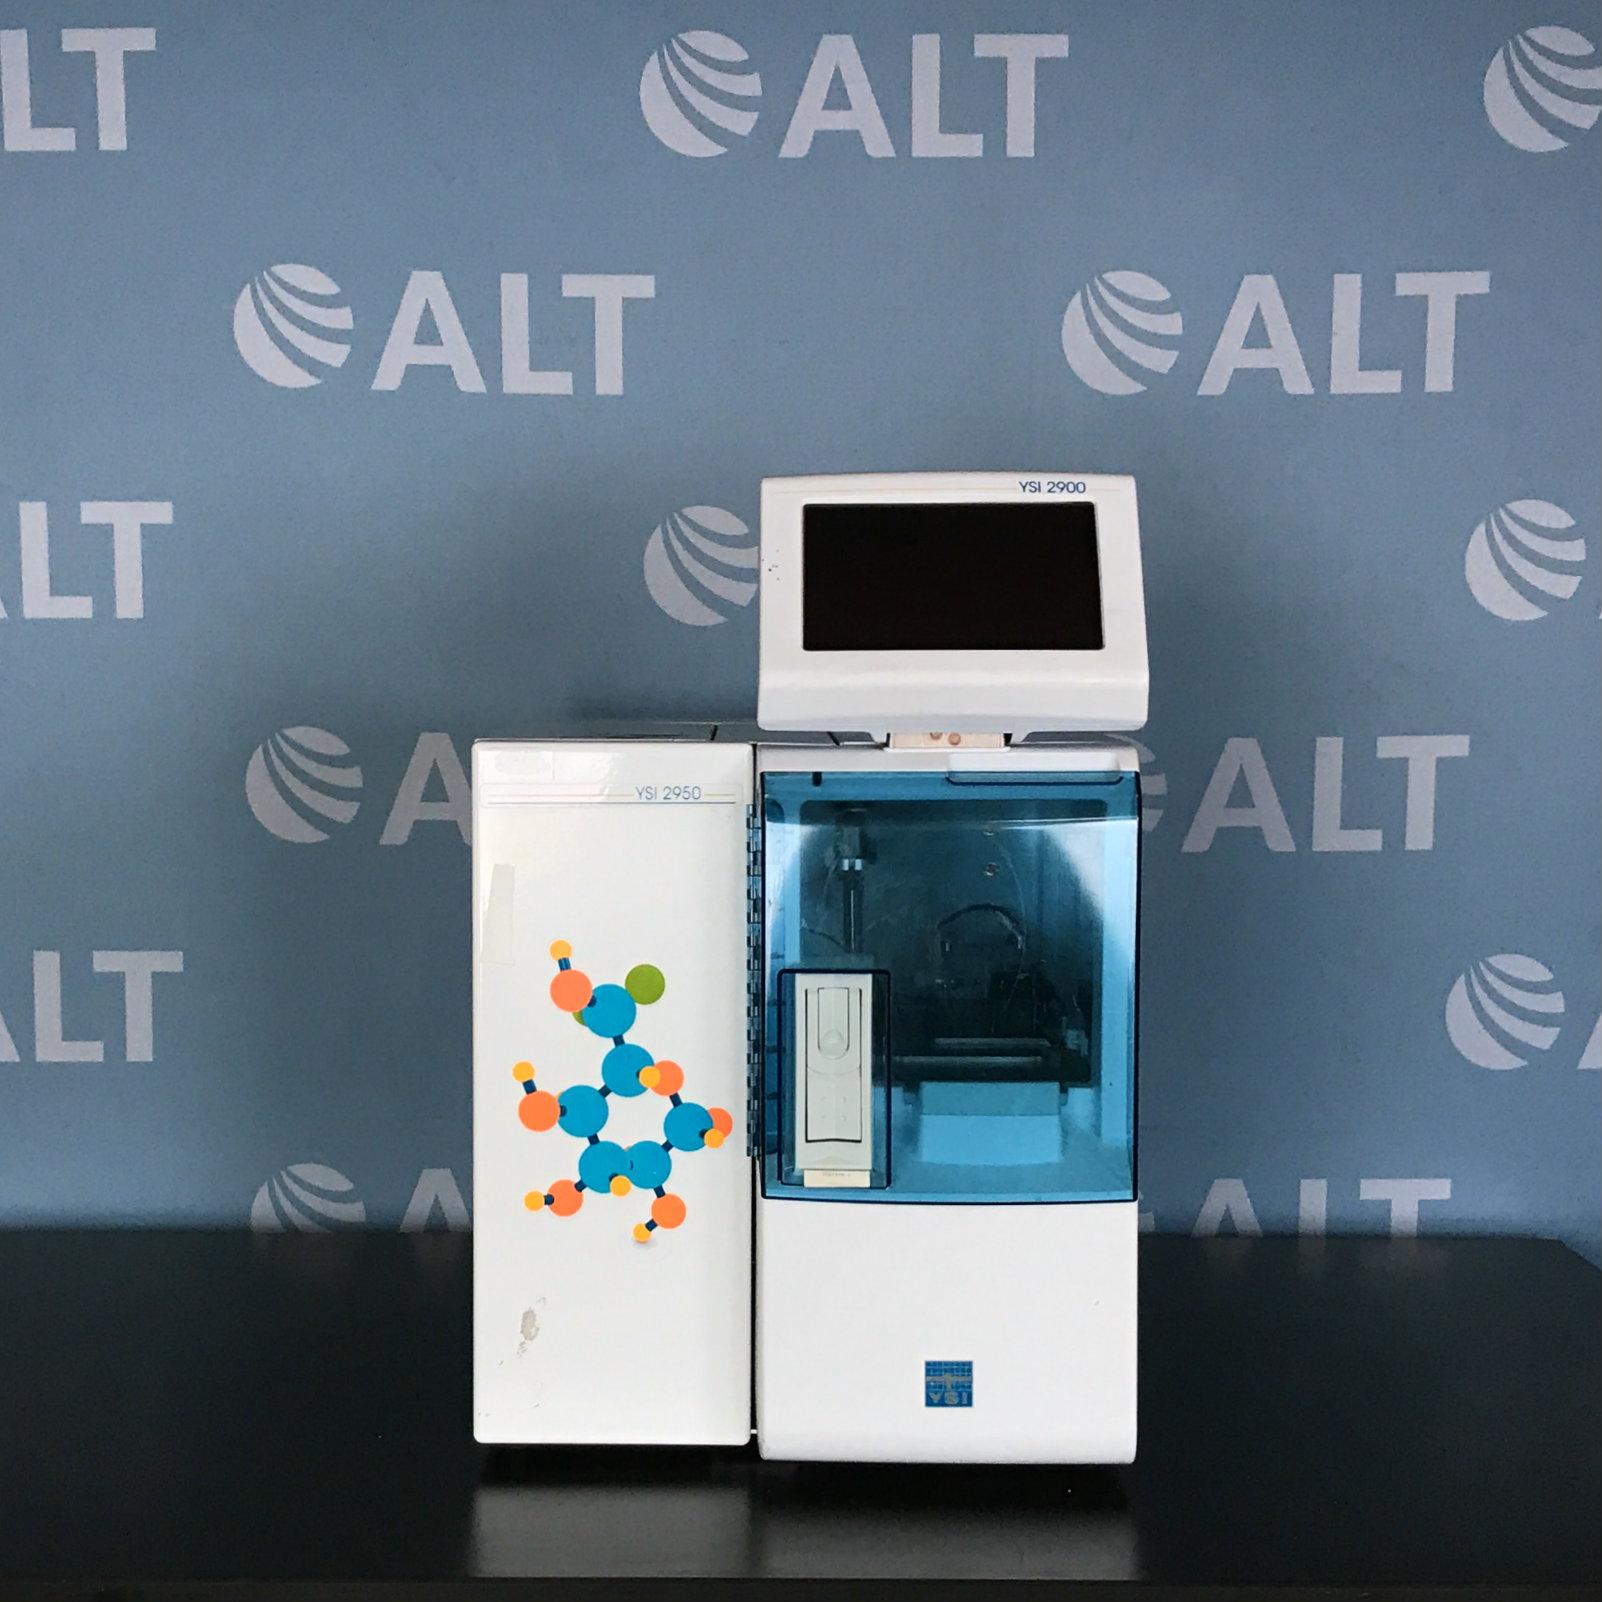 YSI 2950D-2 Biochemistry Analyzer Image